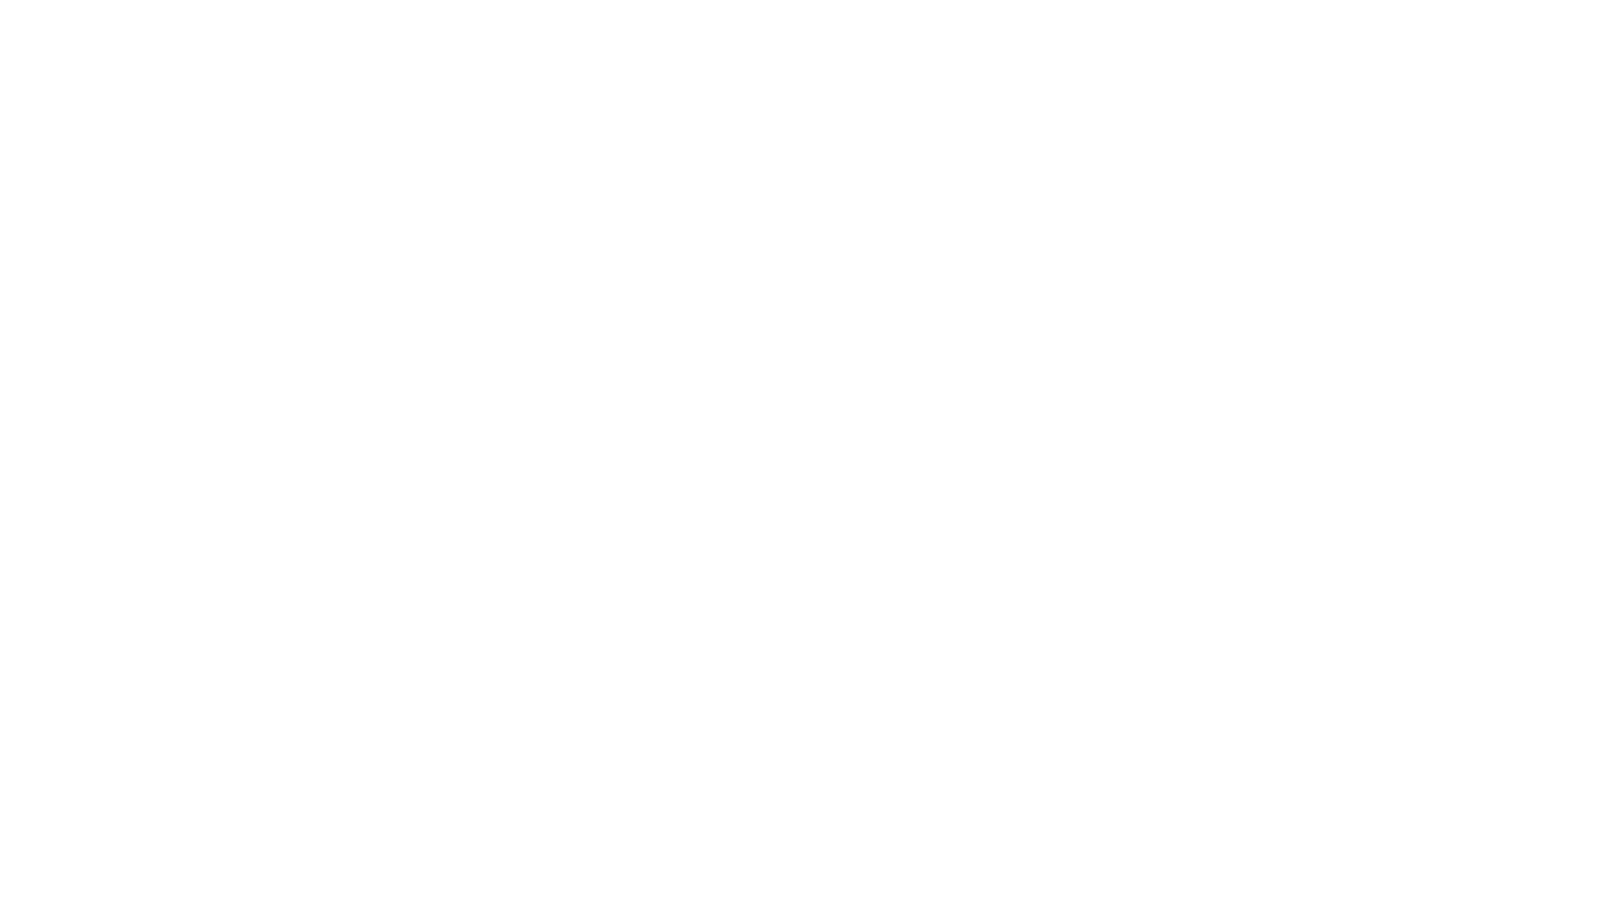 """La Bibliothèque Universitaire Saint-Charles est un édifice datant de 1958. Son architecture atypique, signée Fernand Pouillon, la classe au """"Patrimoine du XXème siècle"""", label du ministère de la culture et de la communication. Sa réserve patrimoniale, qui compile 2500 volumes certains datant de 1542, fait d'elle une bibliothèque historique dans le domaine des sciences humaines, fondamentales et techniques.  Ce film présente ce lieu et deux ouvrages scientifiques mémorables conservés dans sa réserve, L'Alguier des Frères Crouan et La Flore du Dr Poucel.  Un film réalisé par Manon, Pierre-André, Mila & Mylène"""